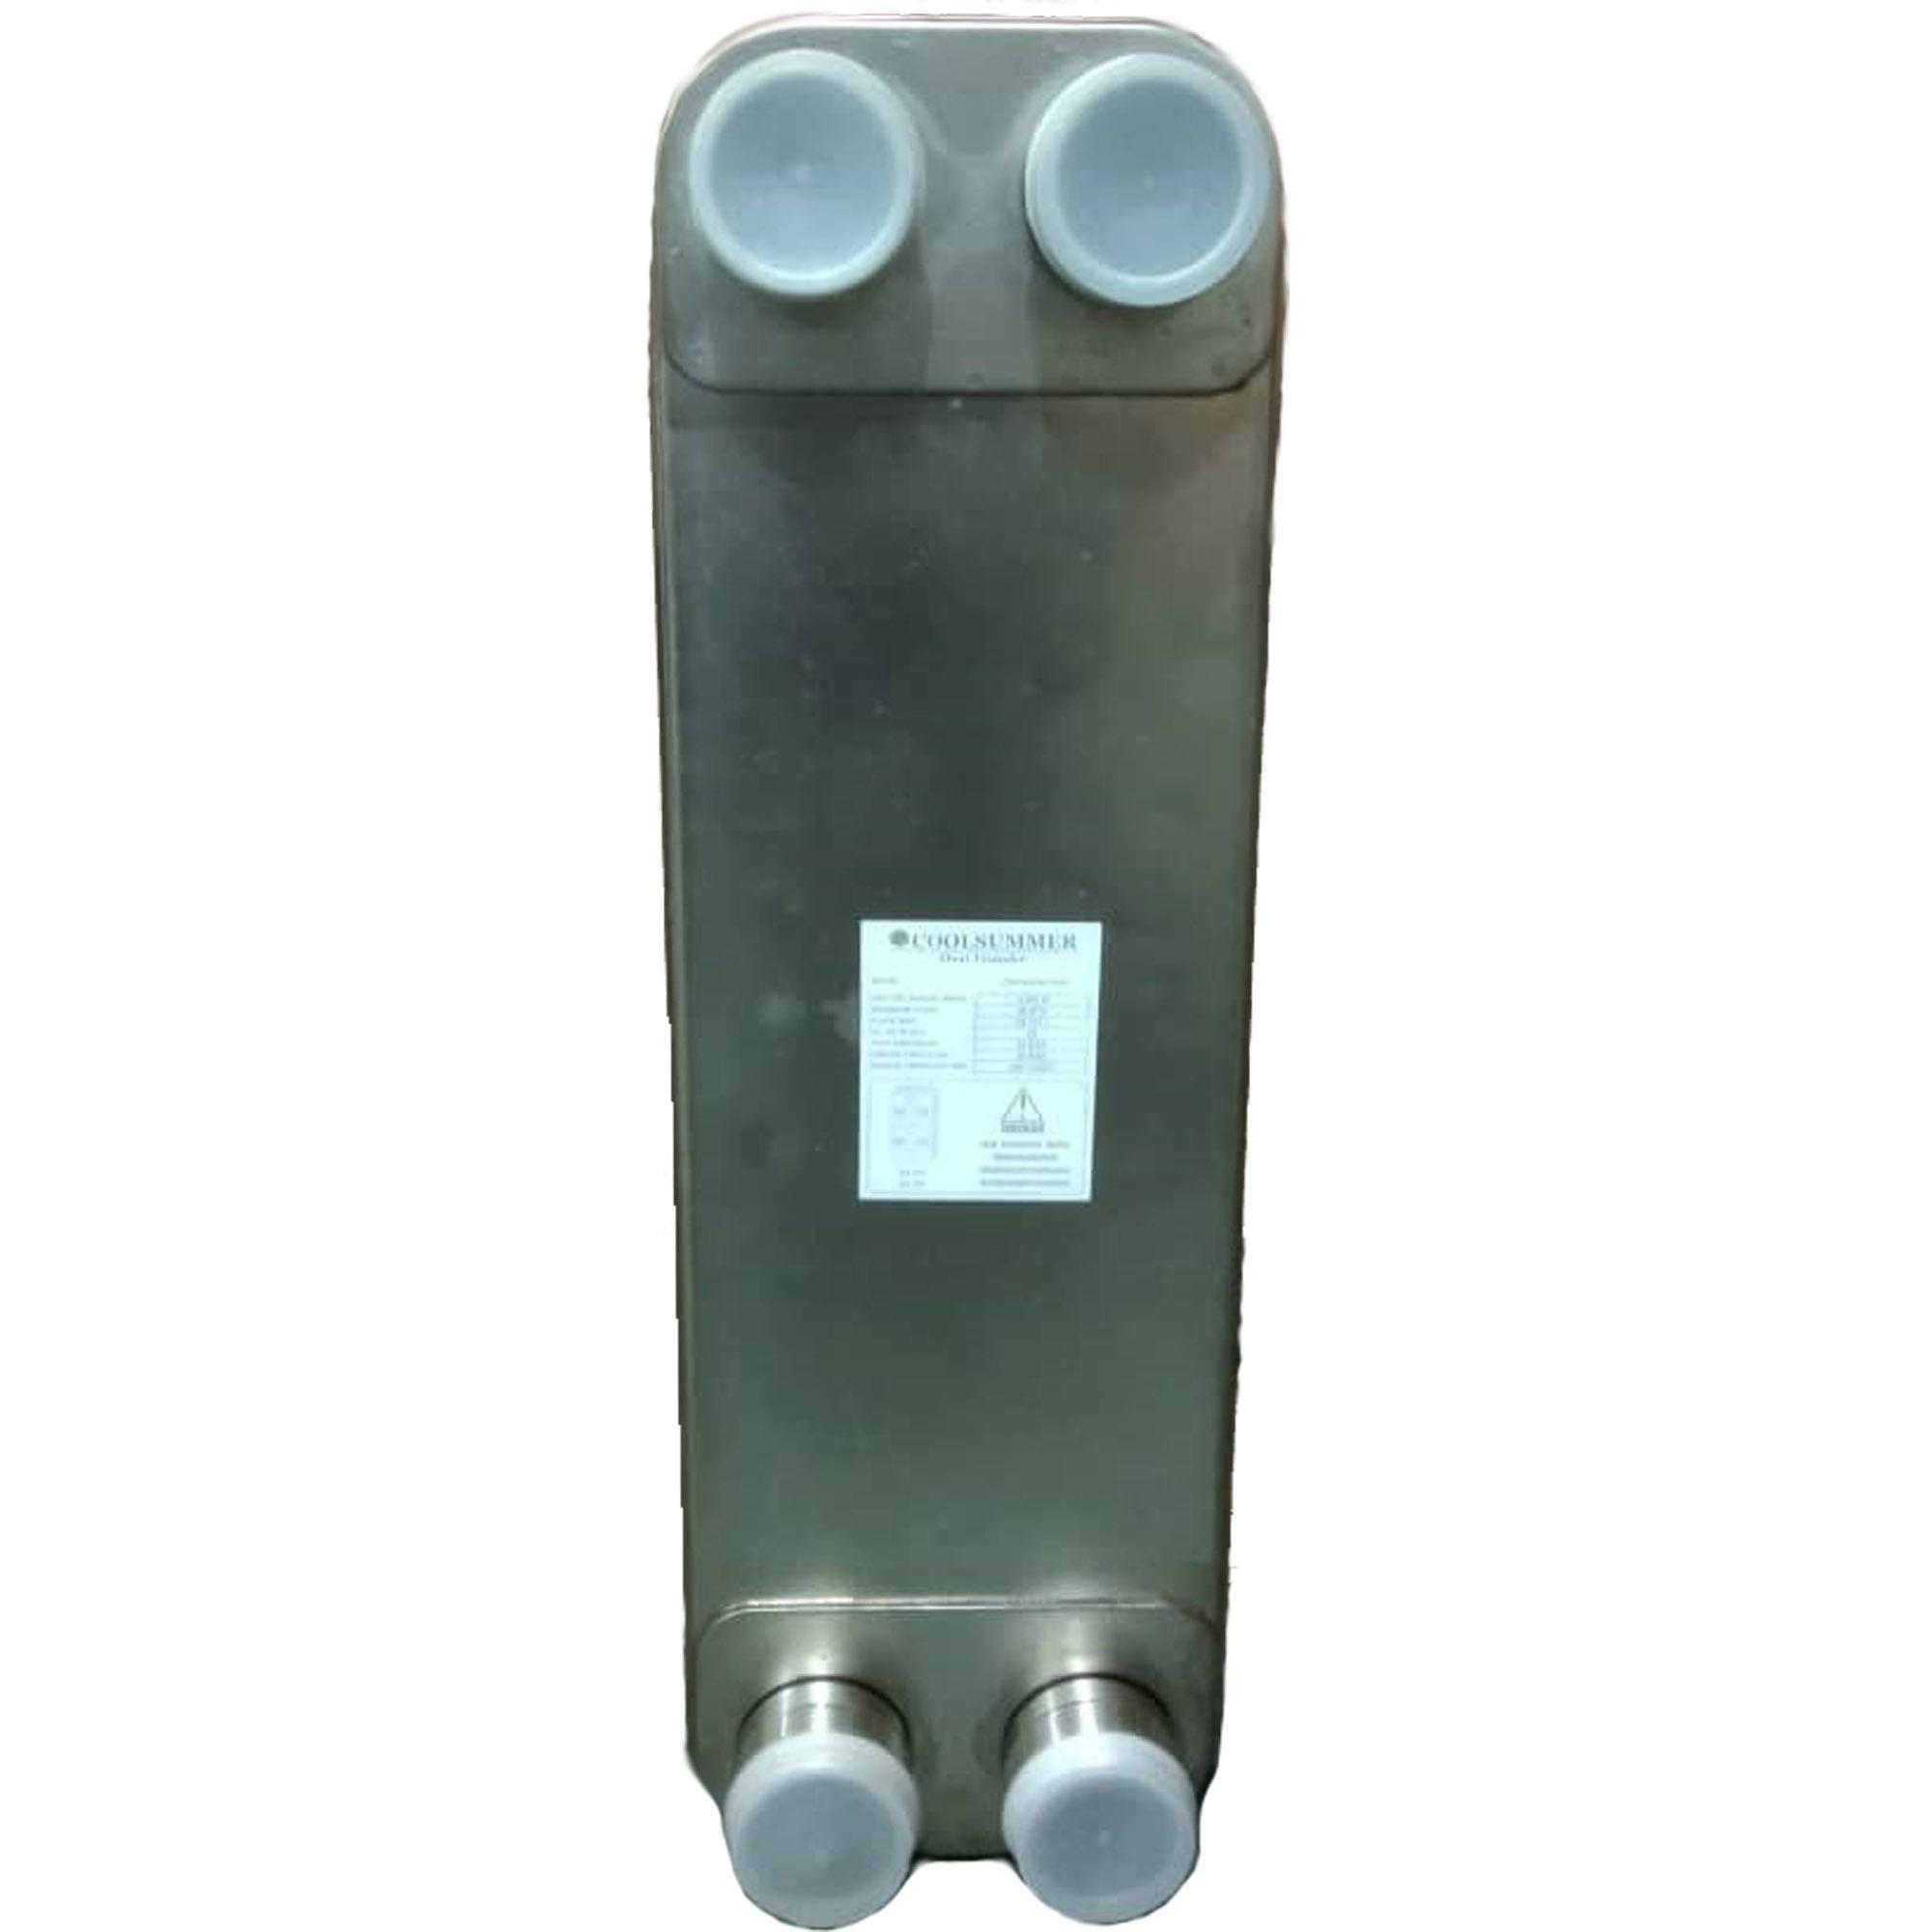 مبدل حرارتی صفحه ای کول سامر مدل CS-PHE095-78P